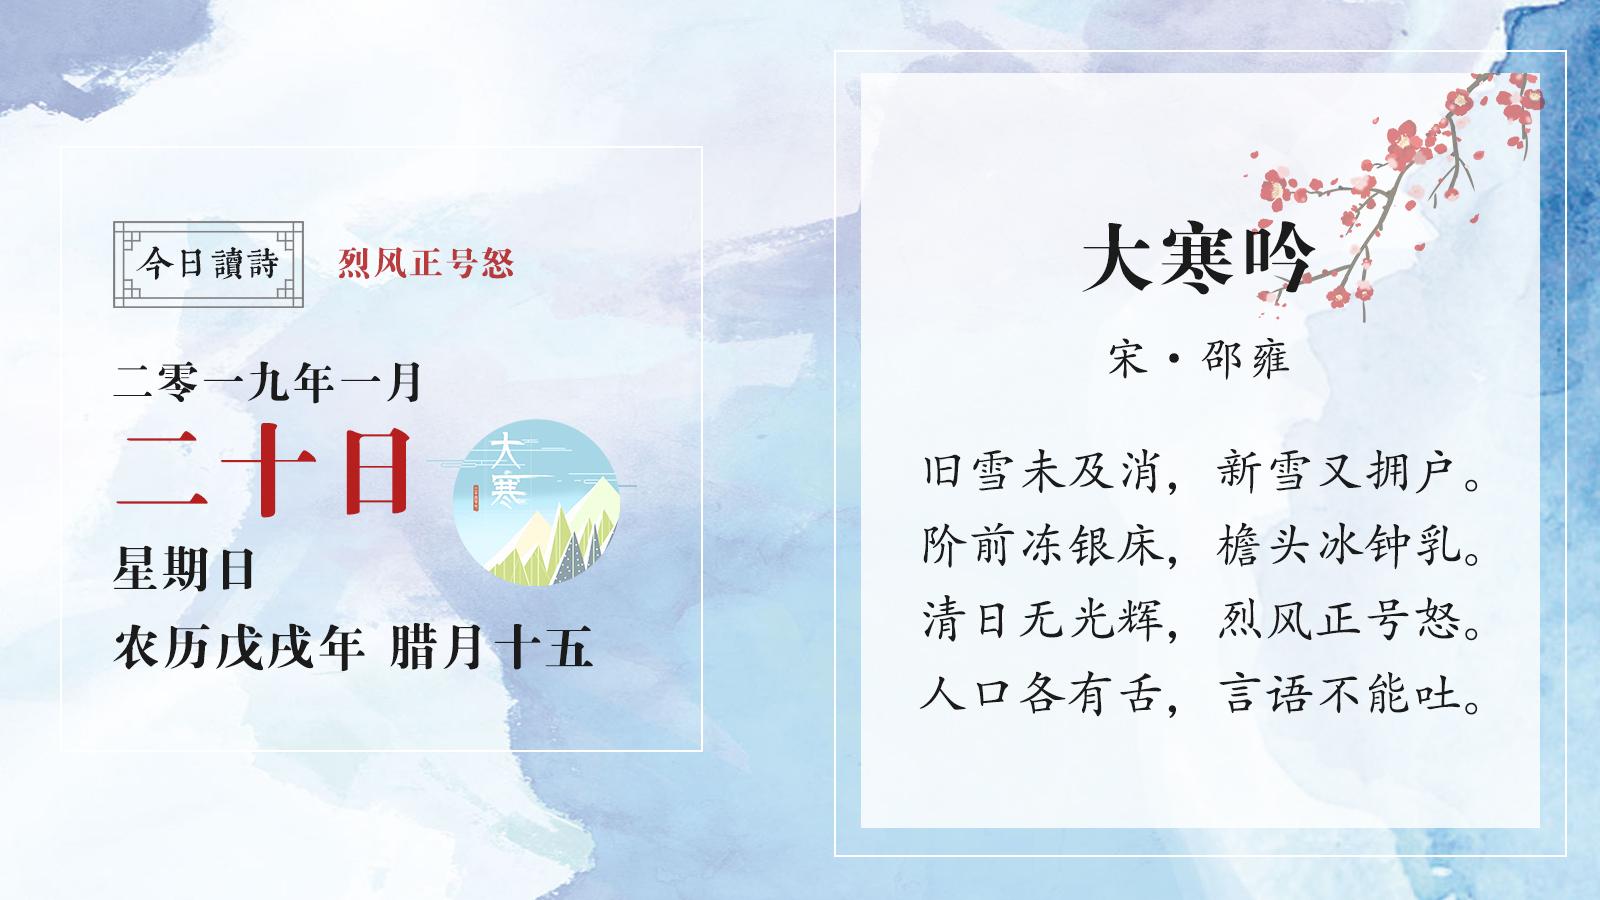 【清风诗历】今日读诗:烈风正号怒